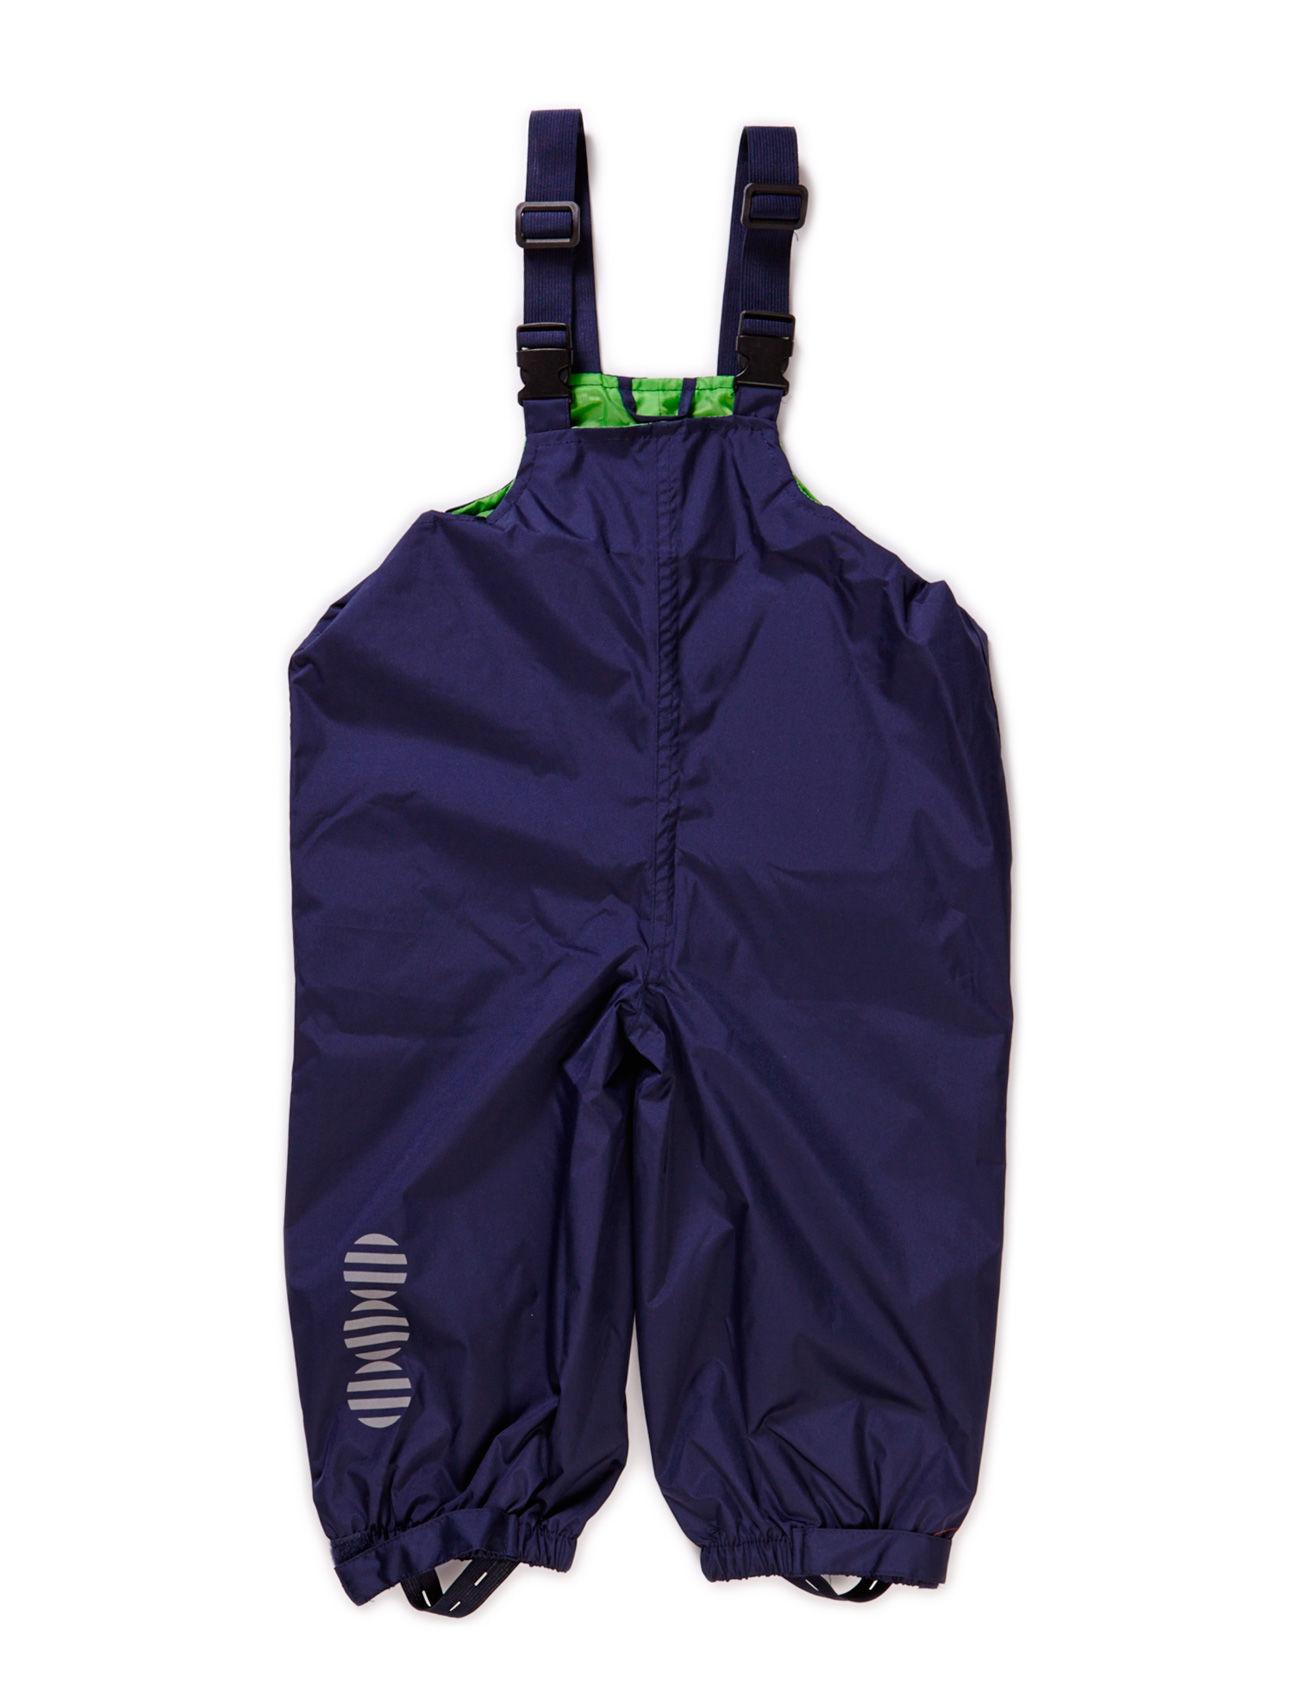 Rainpant, Breathable Minymo Regntøj til Børn i Mørk Navy